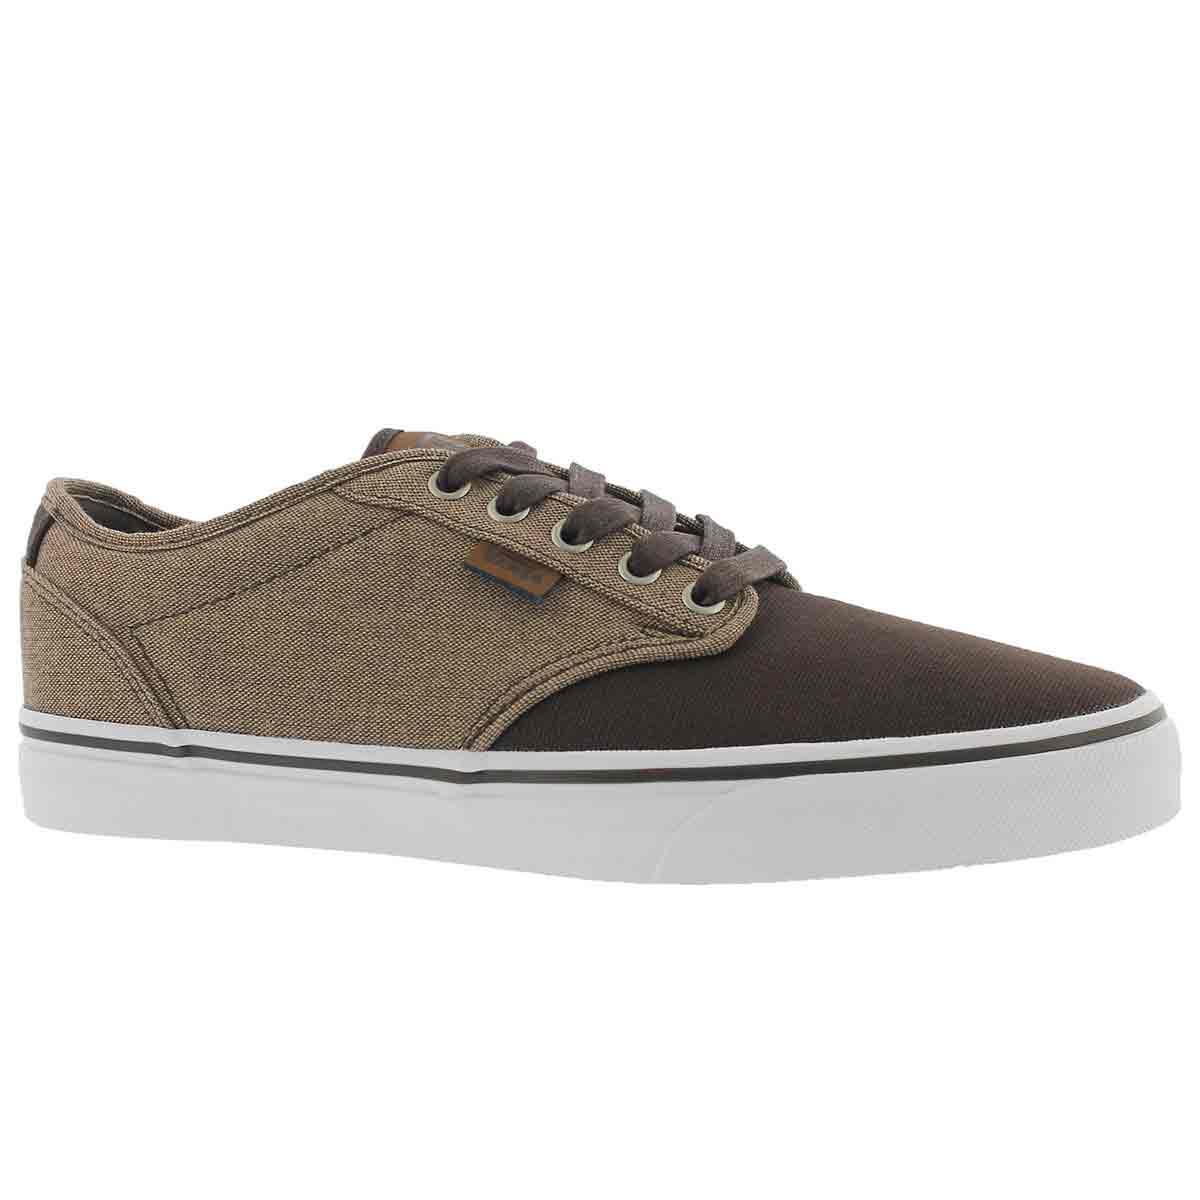 Men's ATWOOD DELUXE khaki/brown sneaker